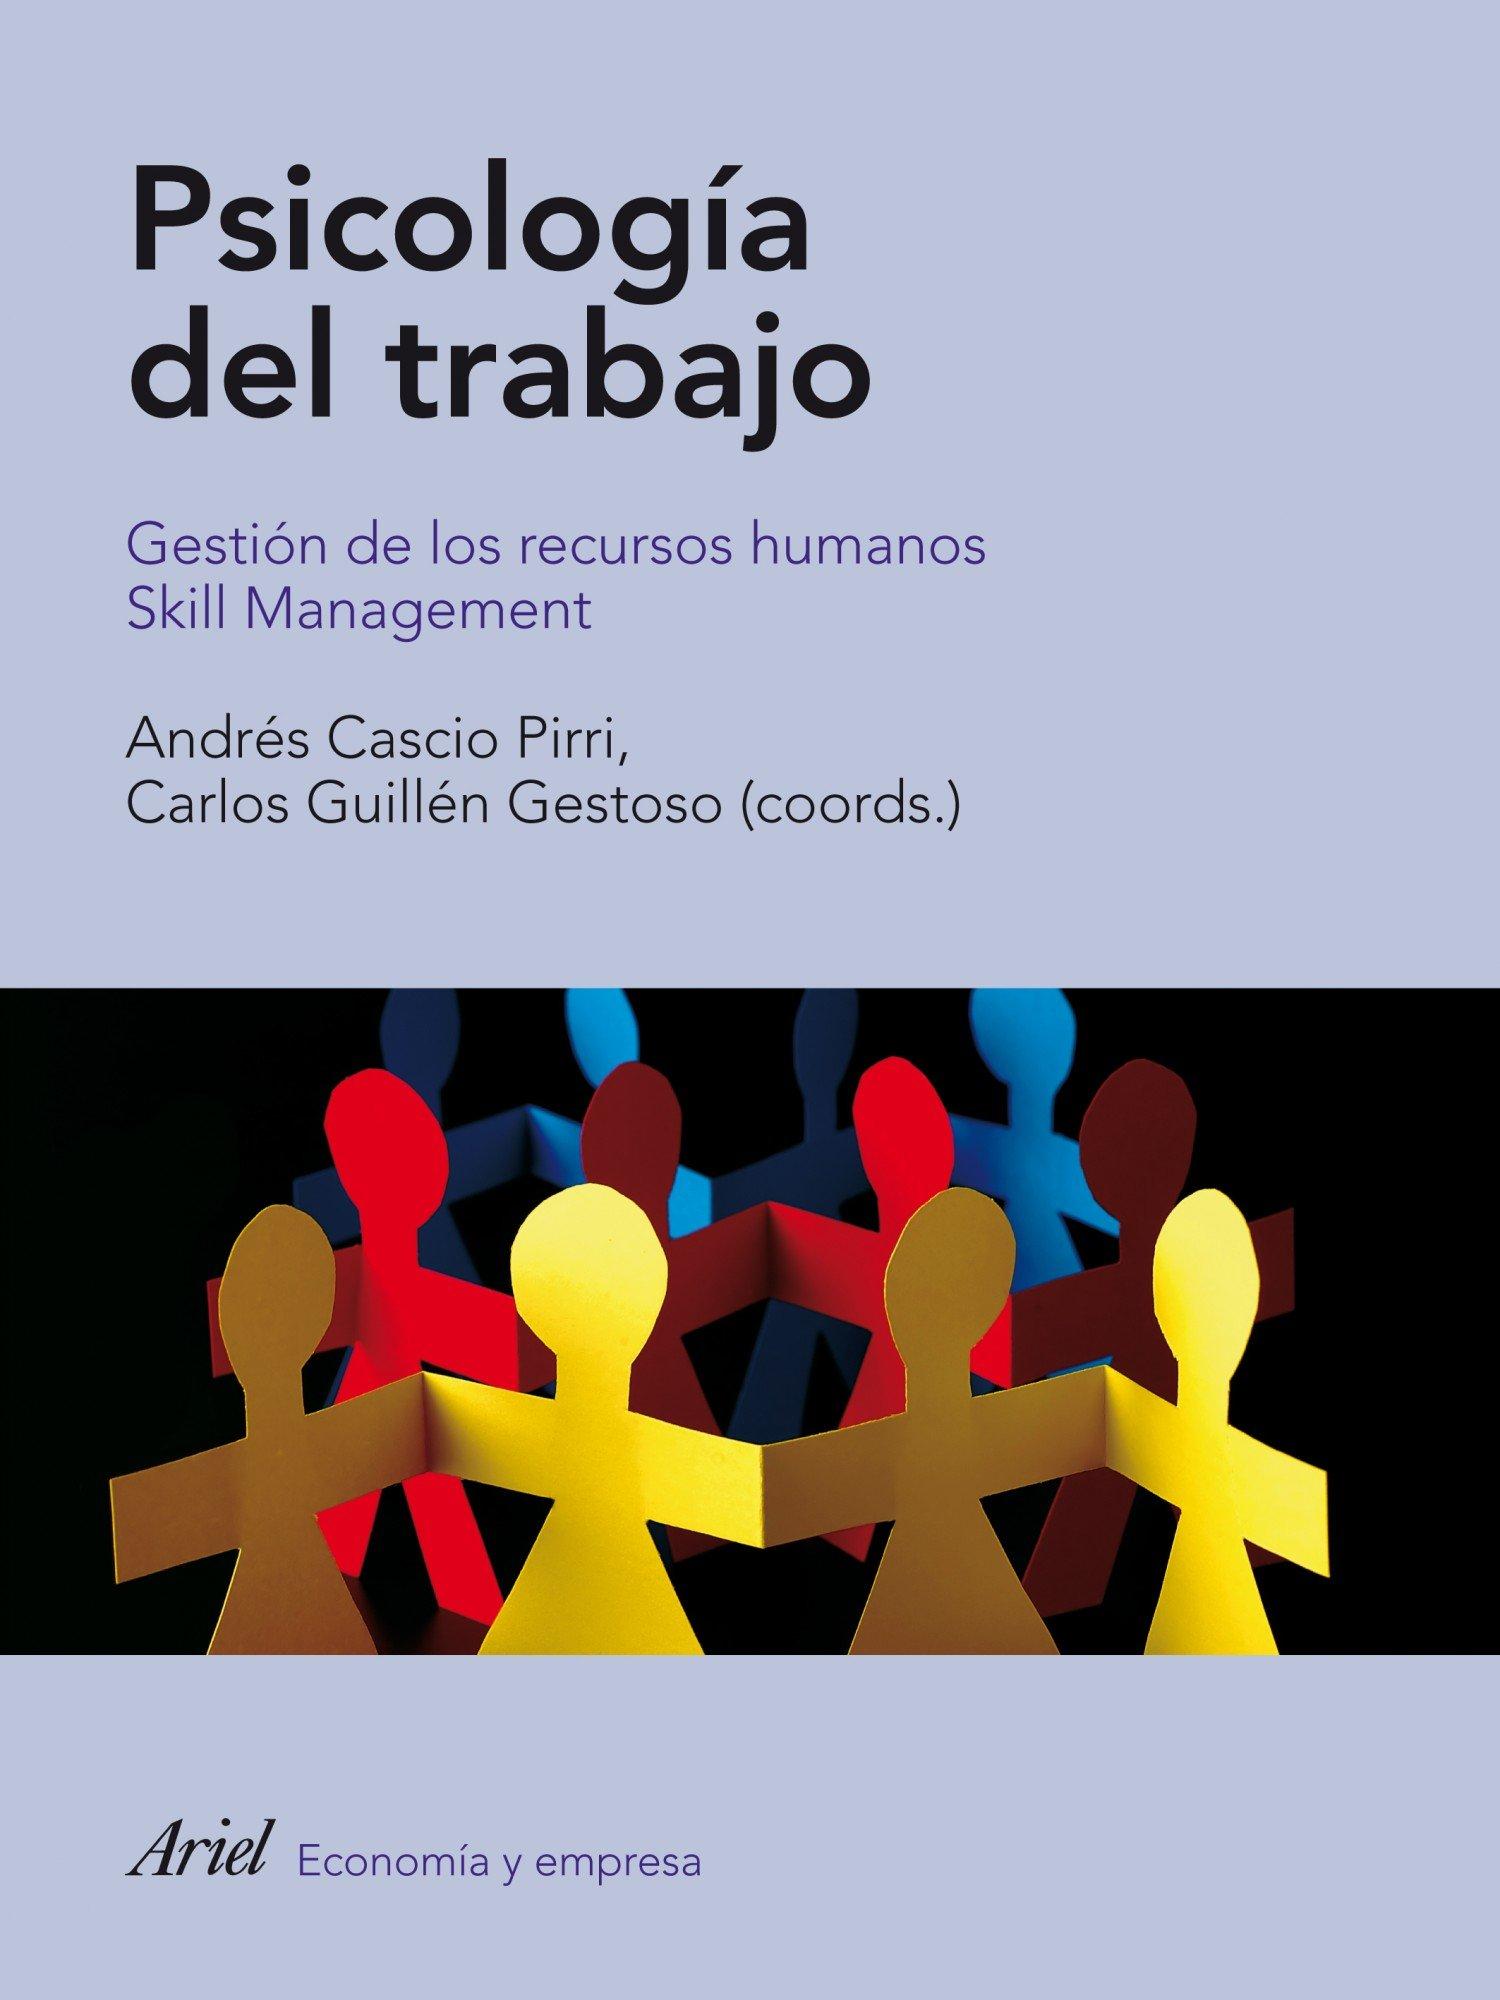 Psicología del trabajo: Gestión de los recursos humanos. Skill Management Ariel Psicologia: Amazon.es: Andrés Cascio Pirri, Carlos Guillén Gestoso: Libros